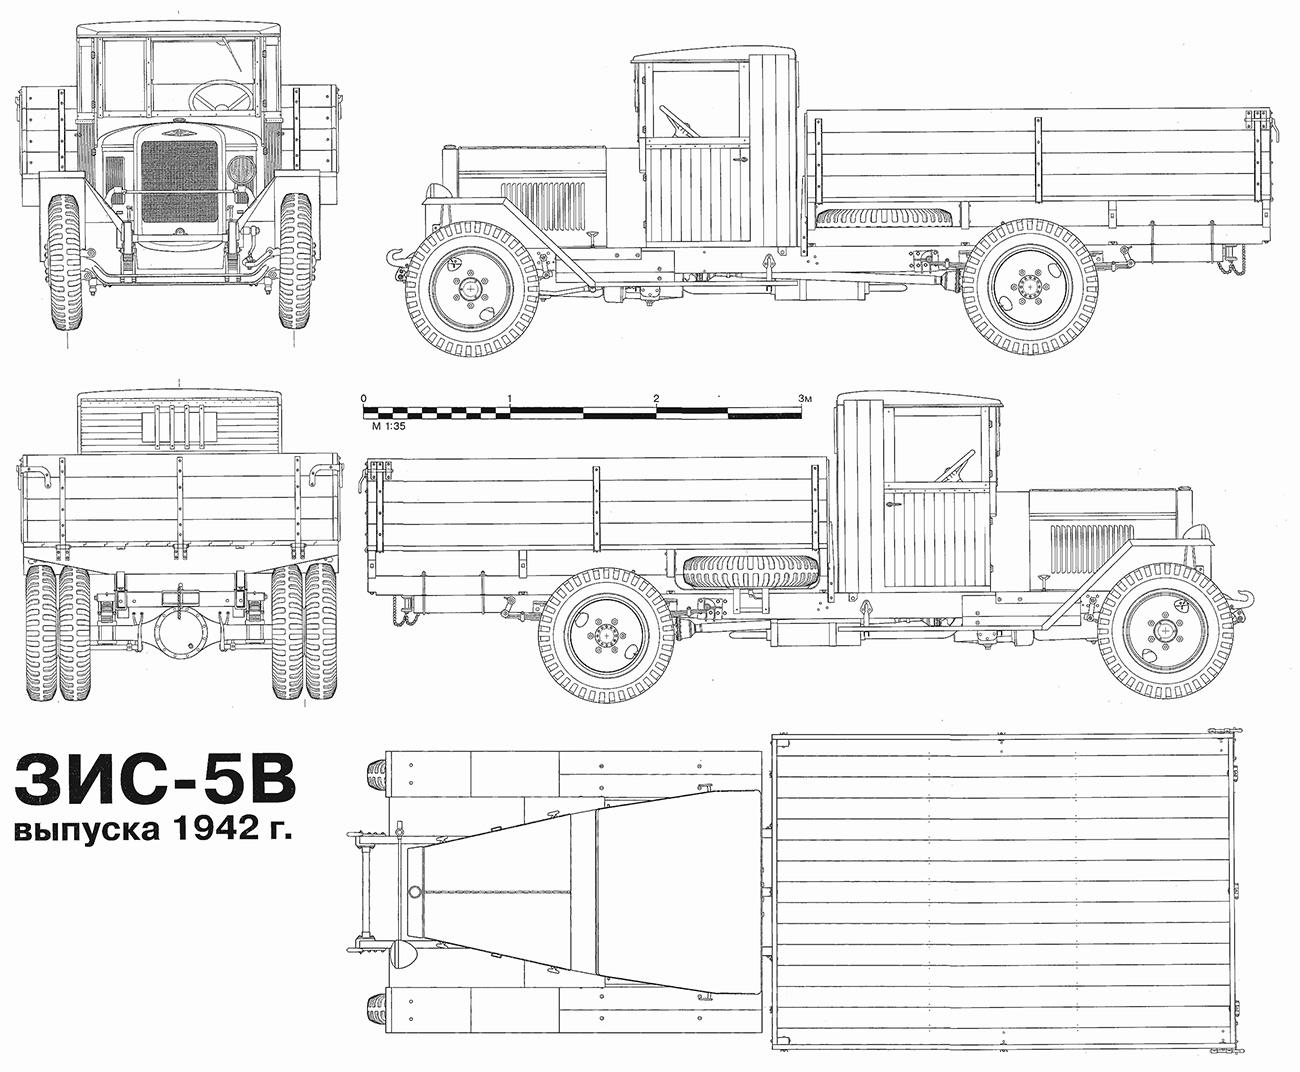 Чертеж ЗИС-5В (военный) - упрощенного варианта грузовика военного времени